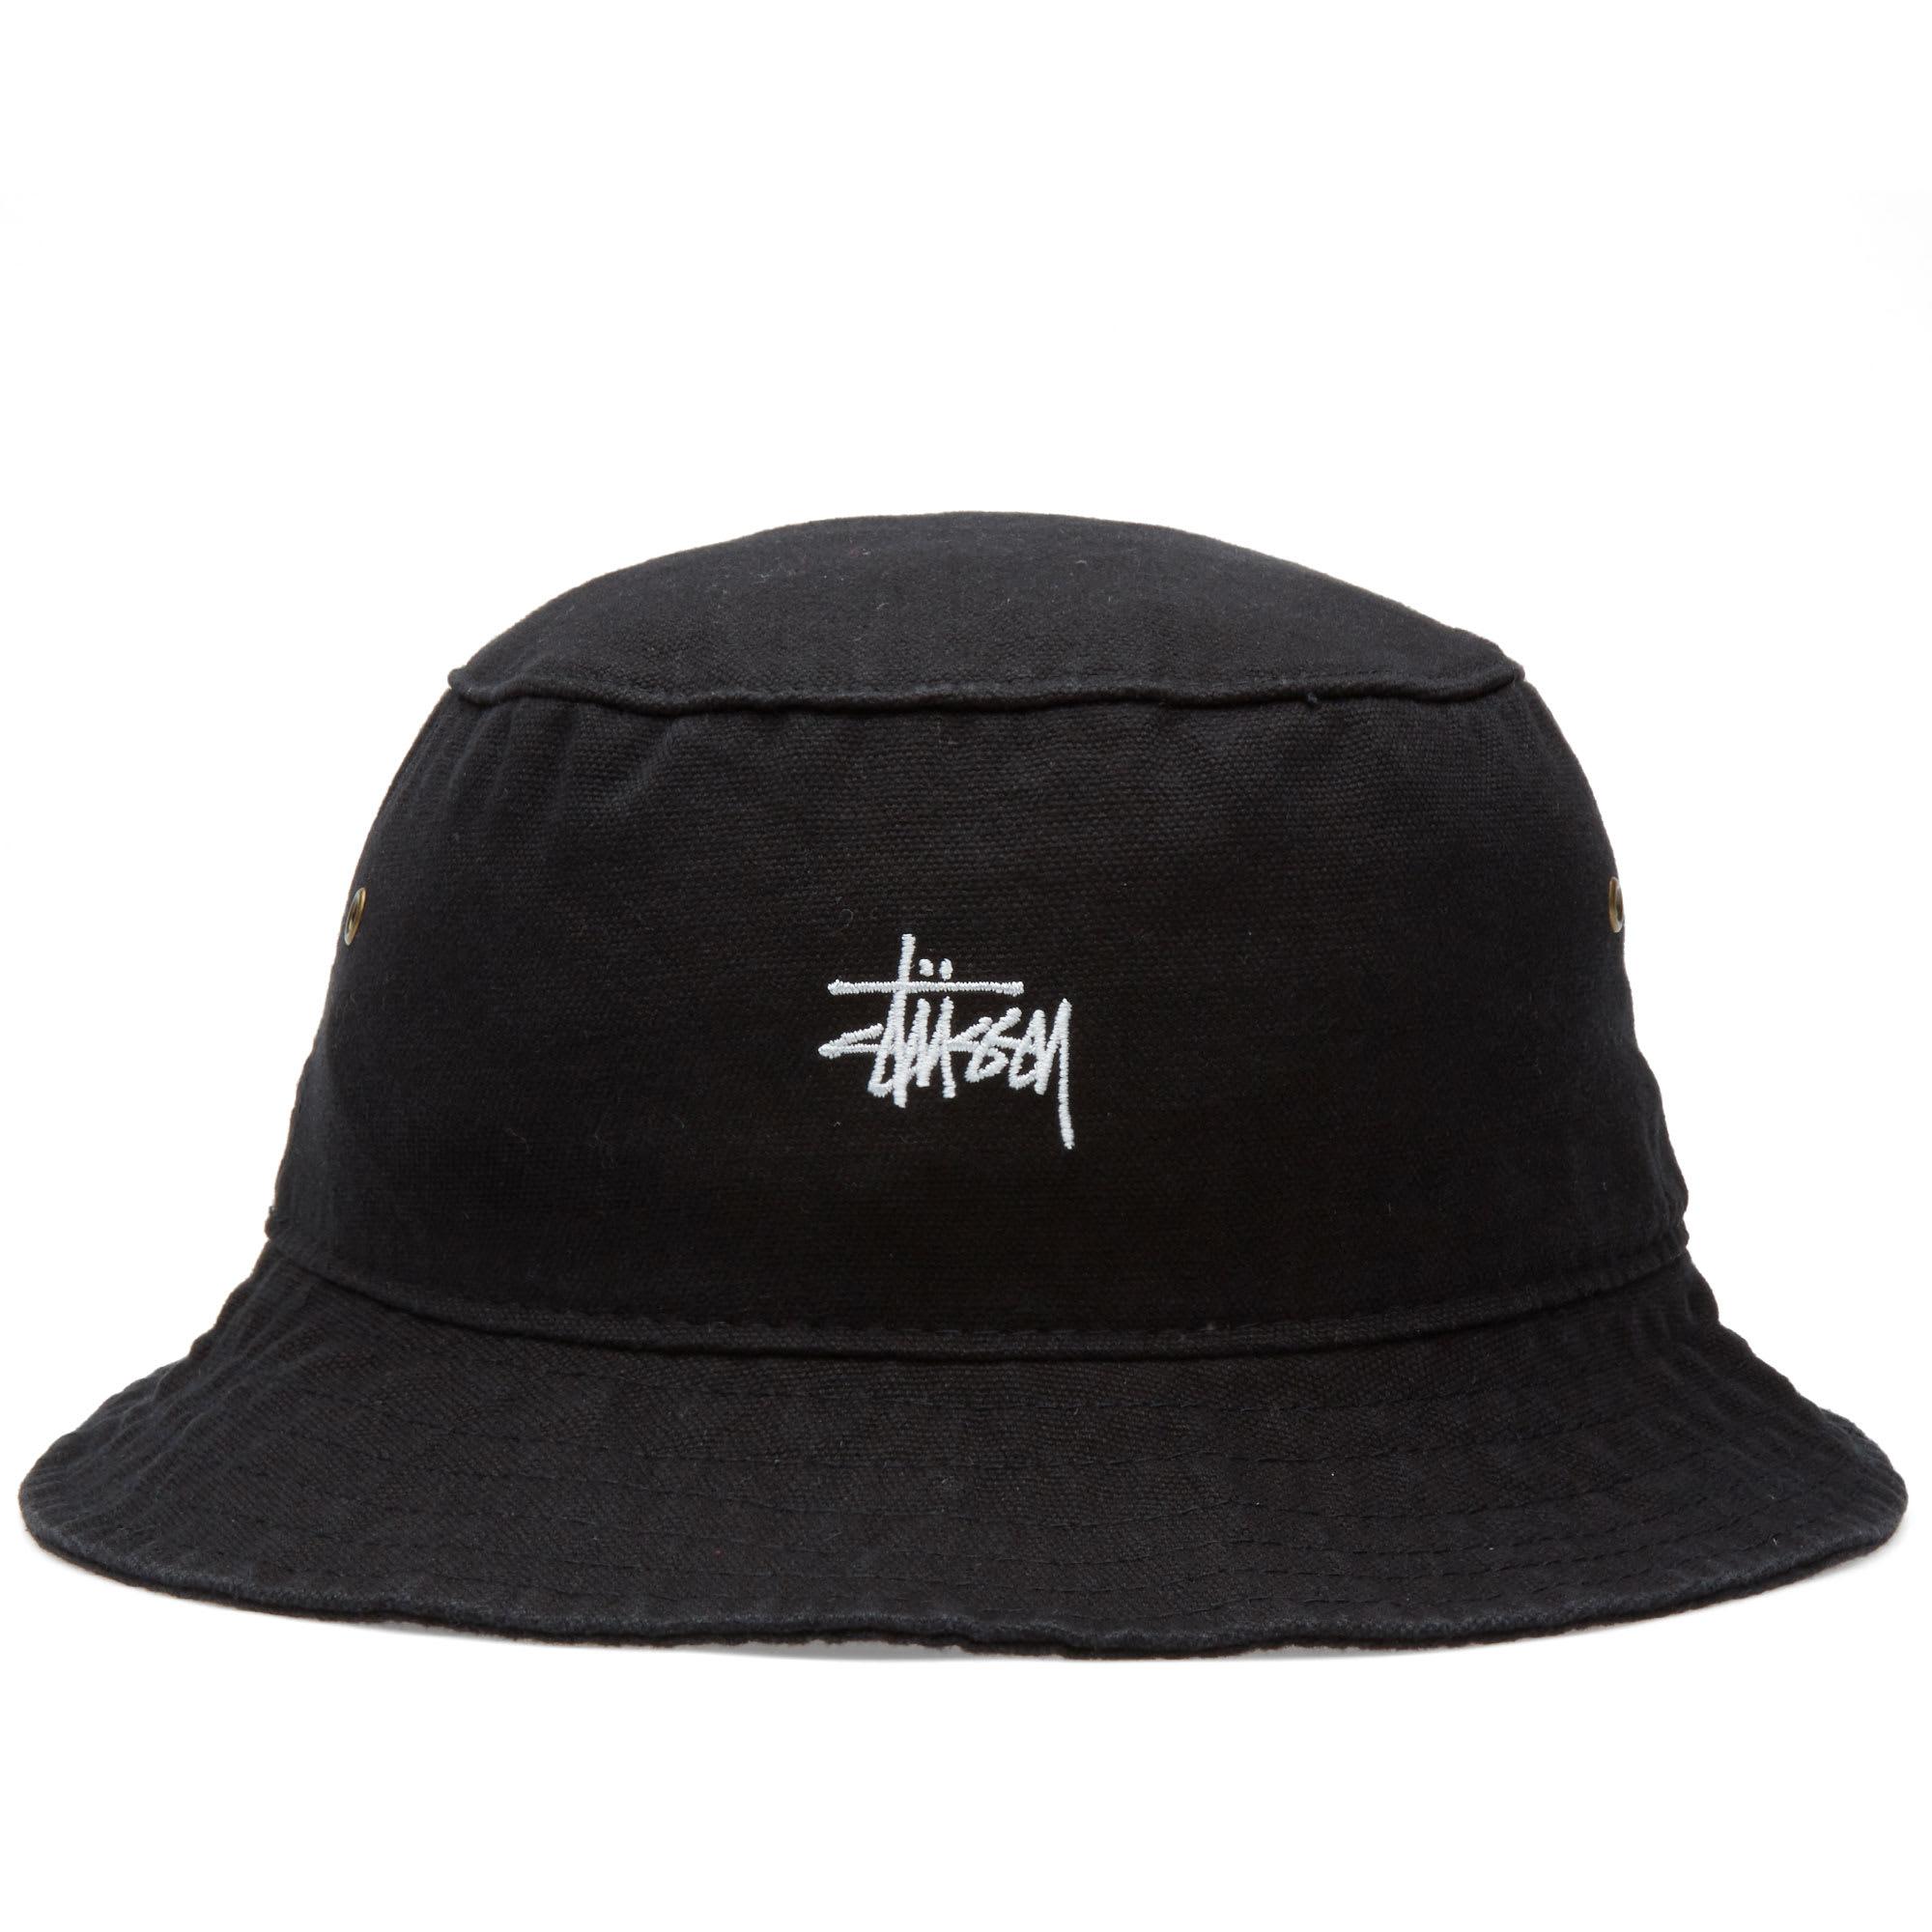 stussy x flatbush zombies bucket hat  b6a120d79b2